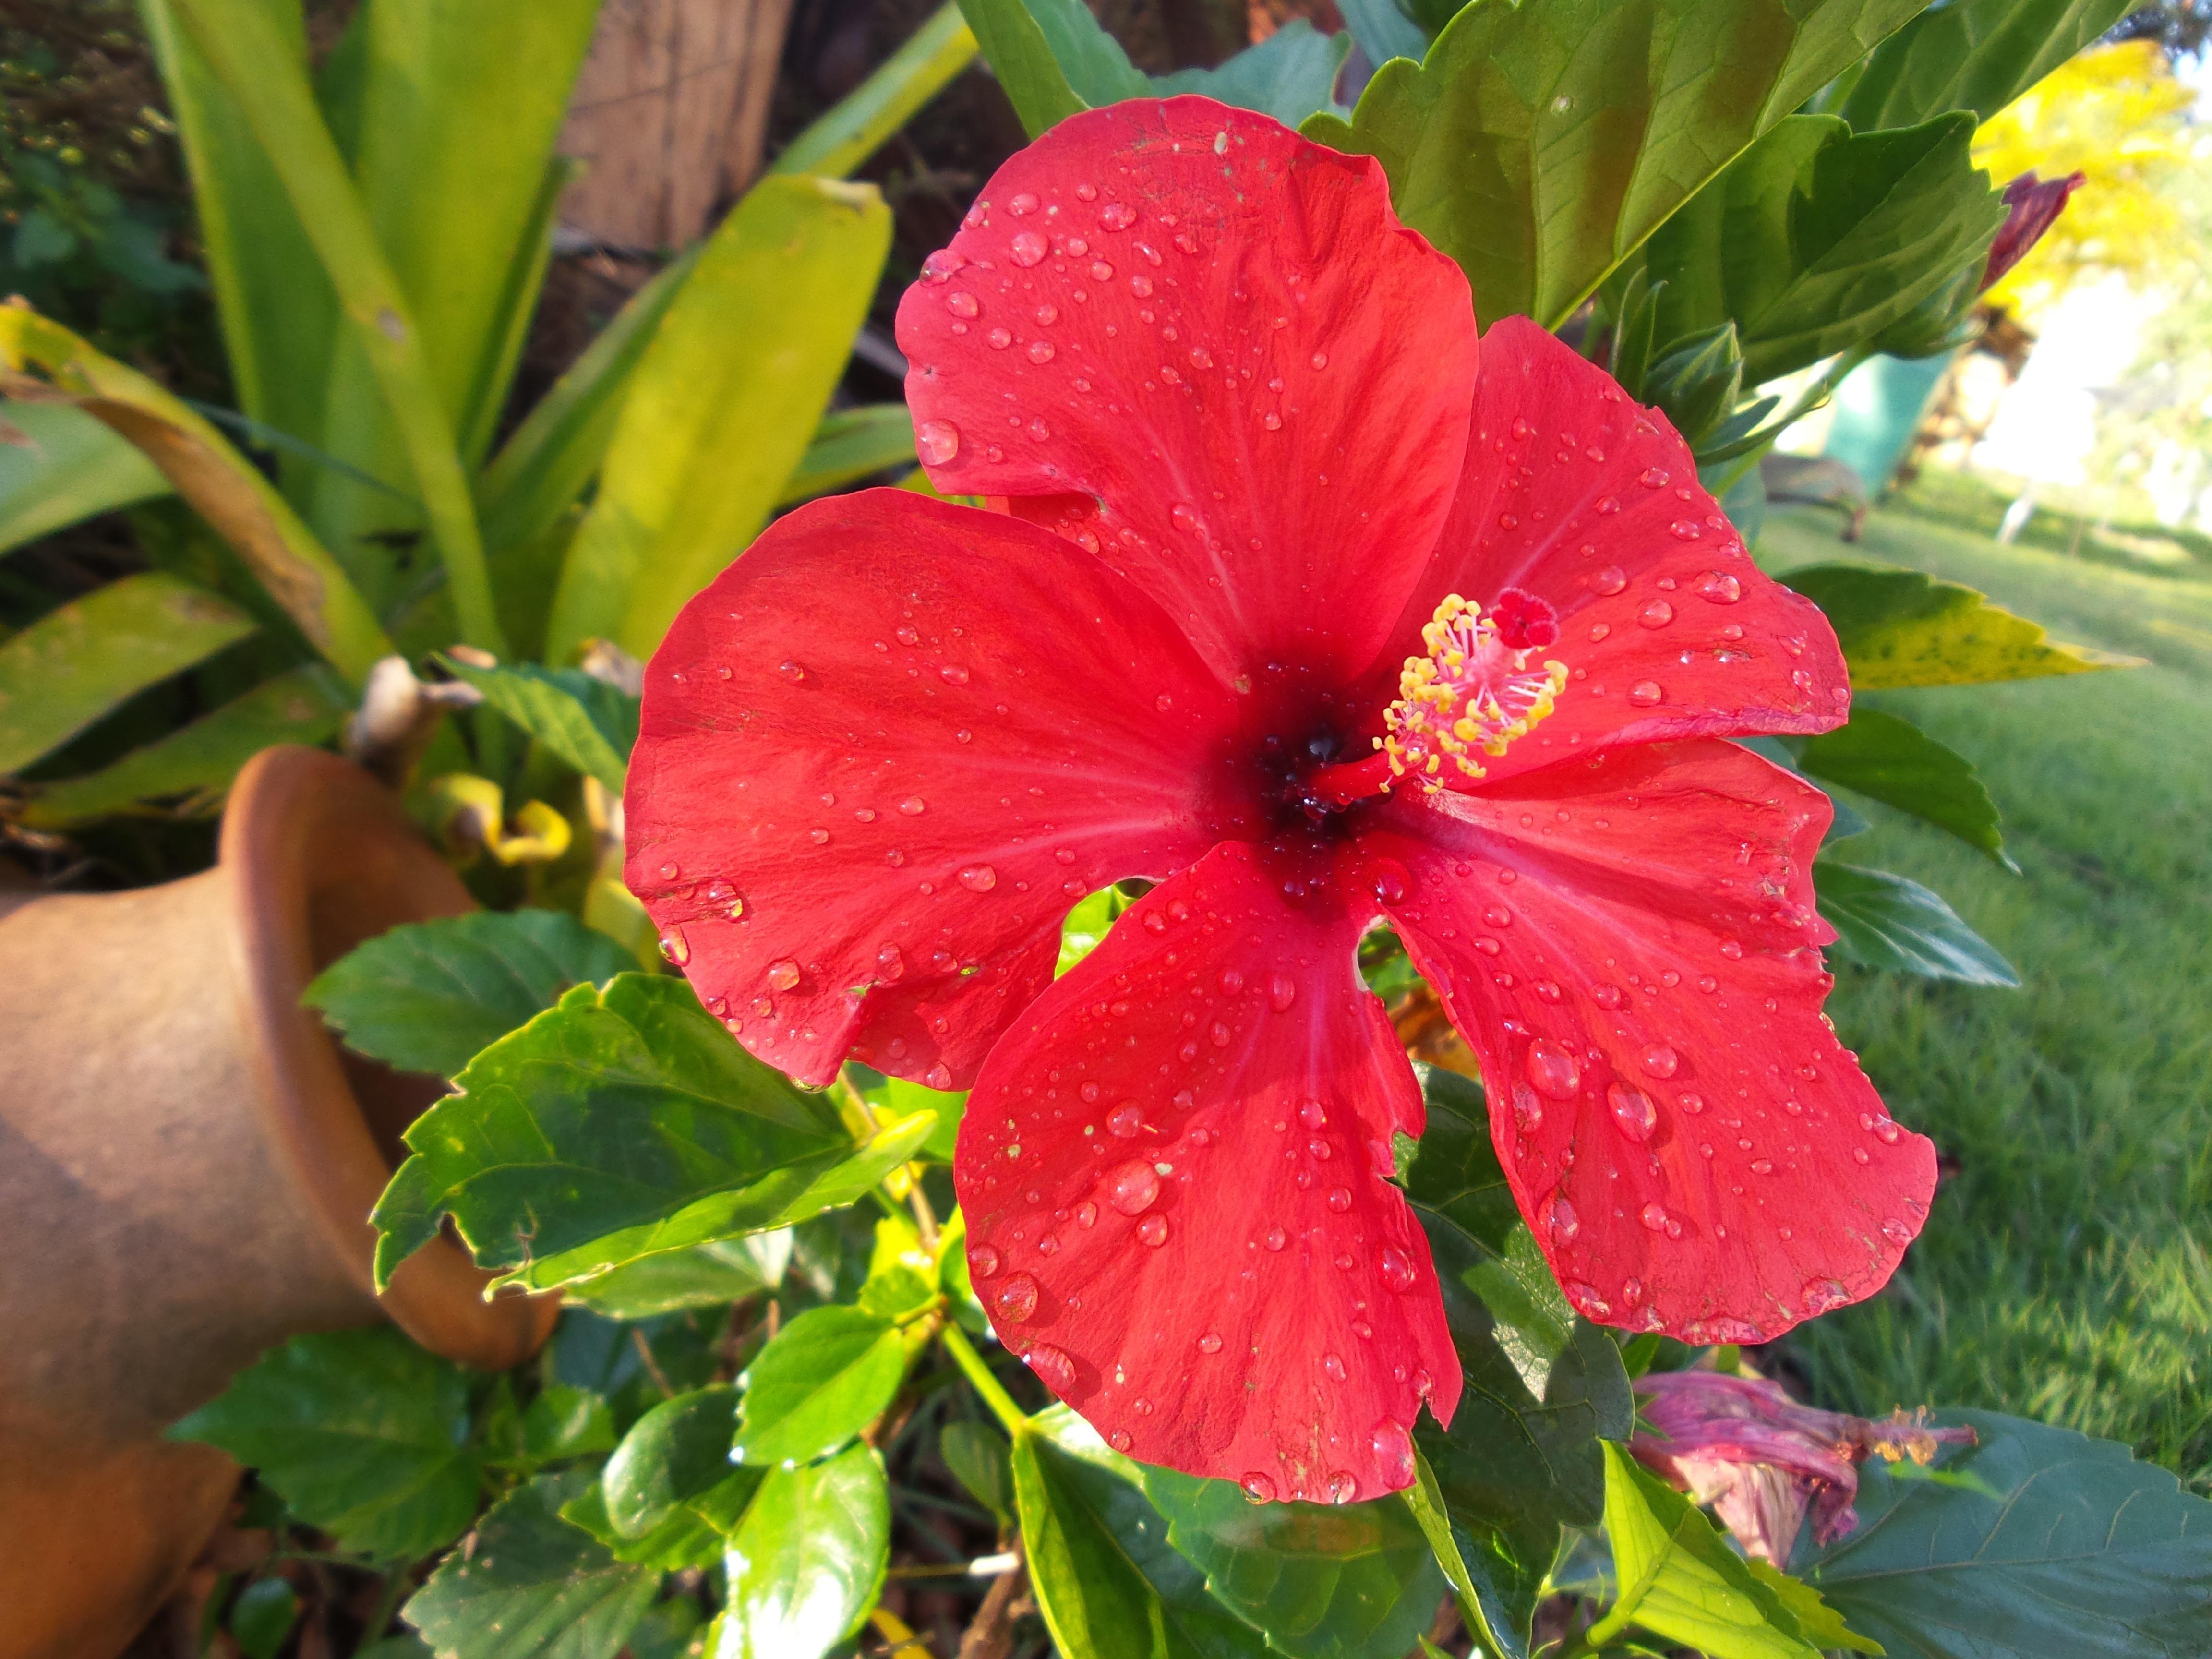 kostenlose foto rot botanik garten flora leben rote blume strauch leidenschaft. Black Bedroom Furniture Sets. Home Design Ideas